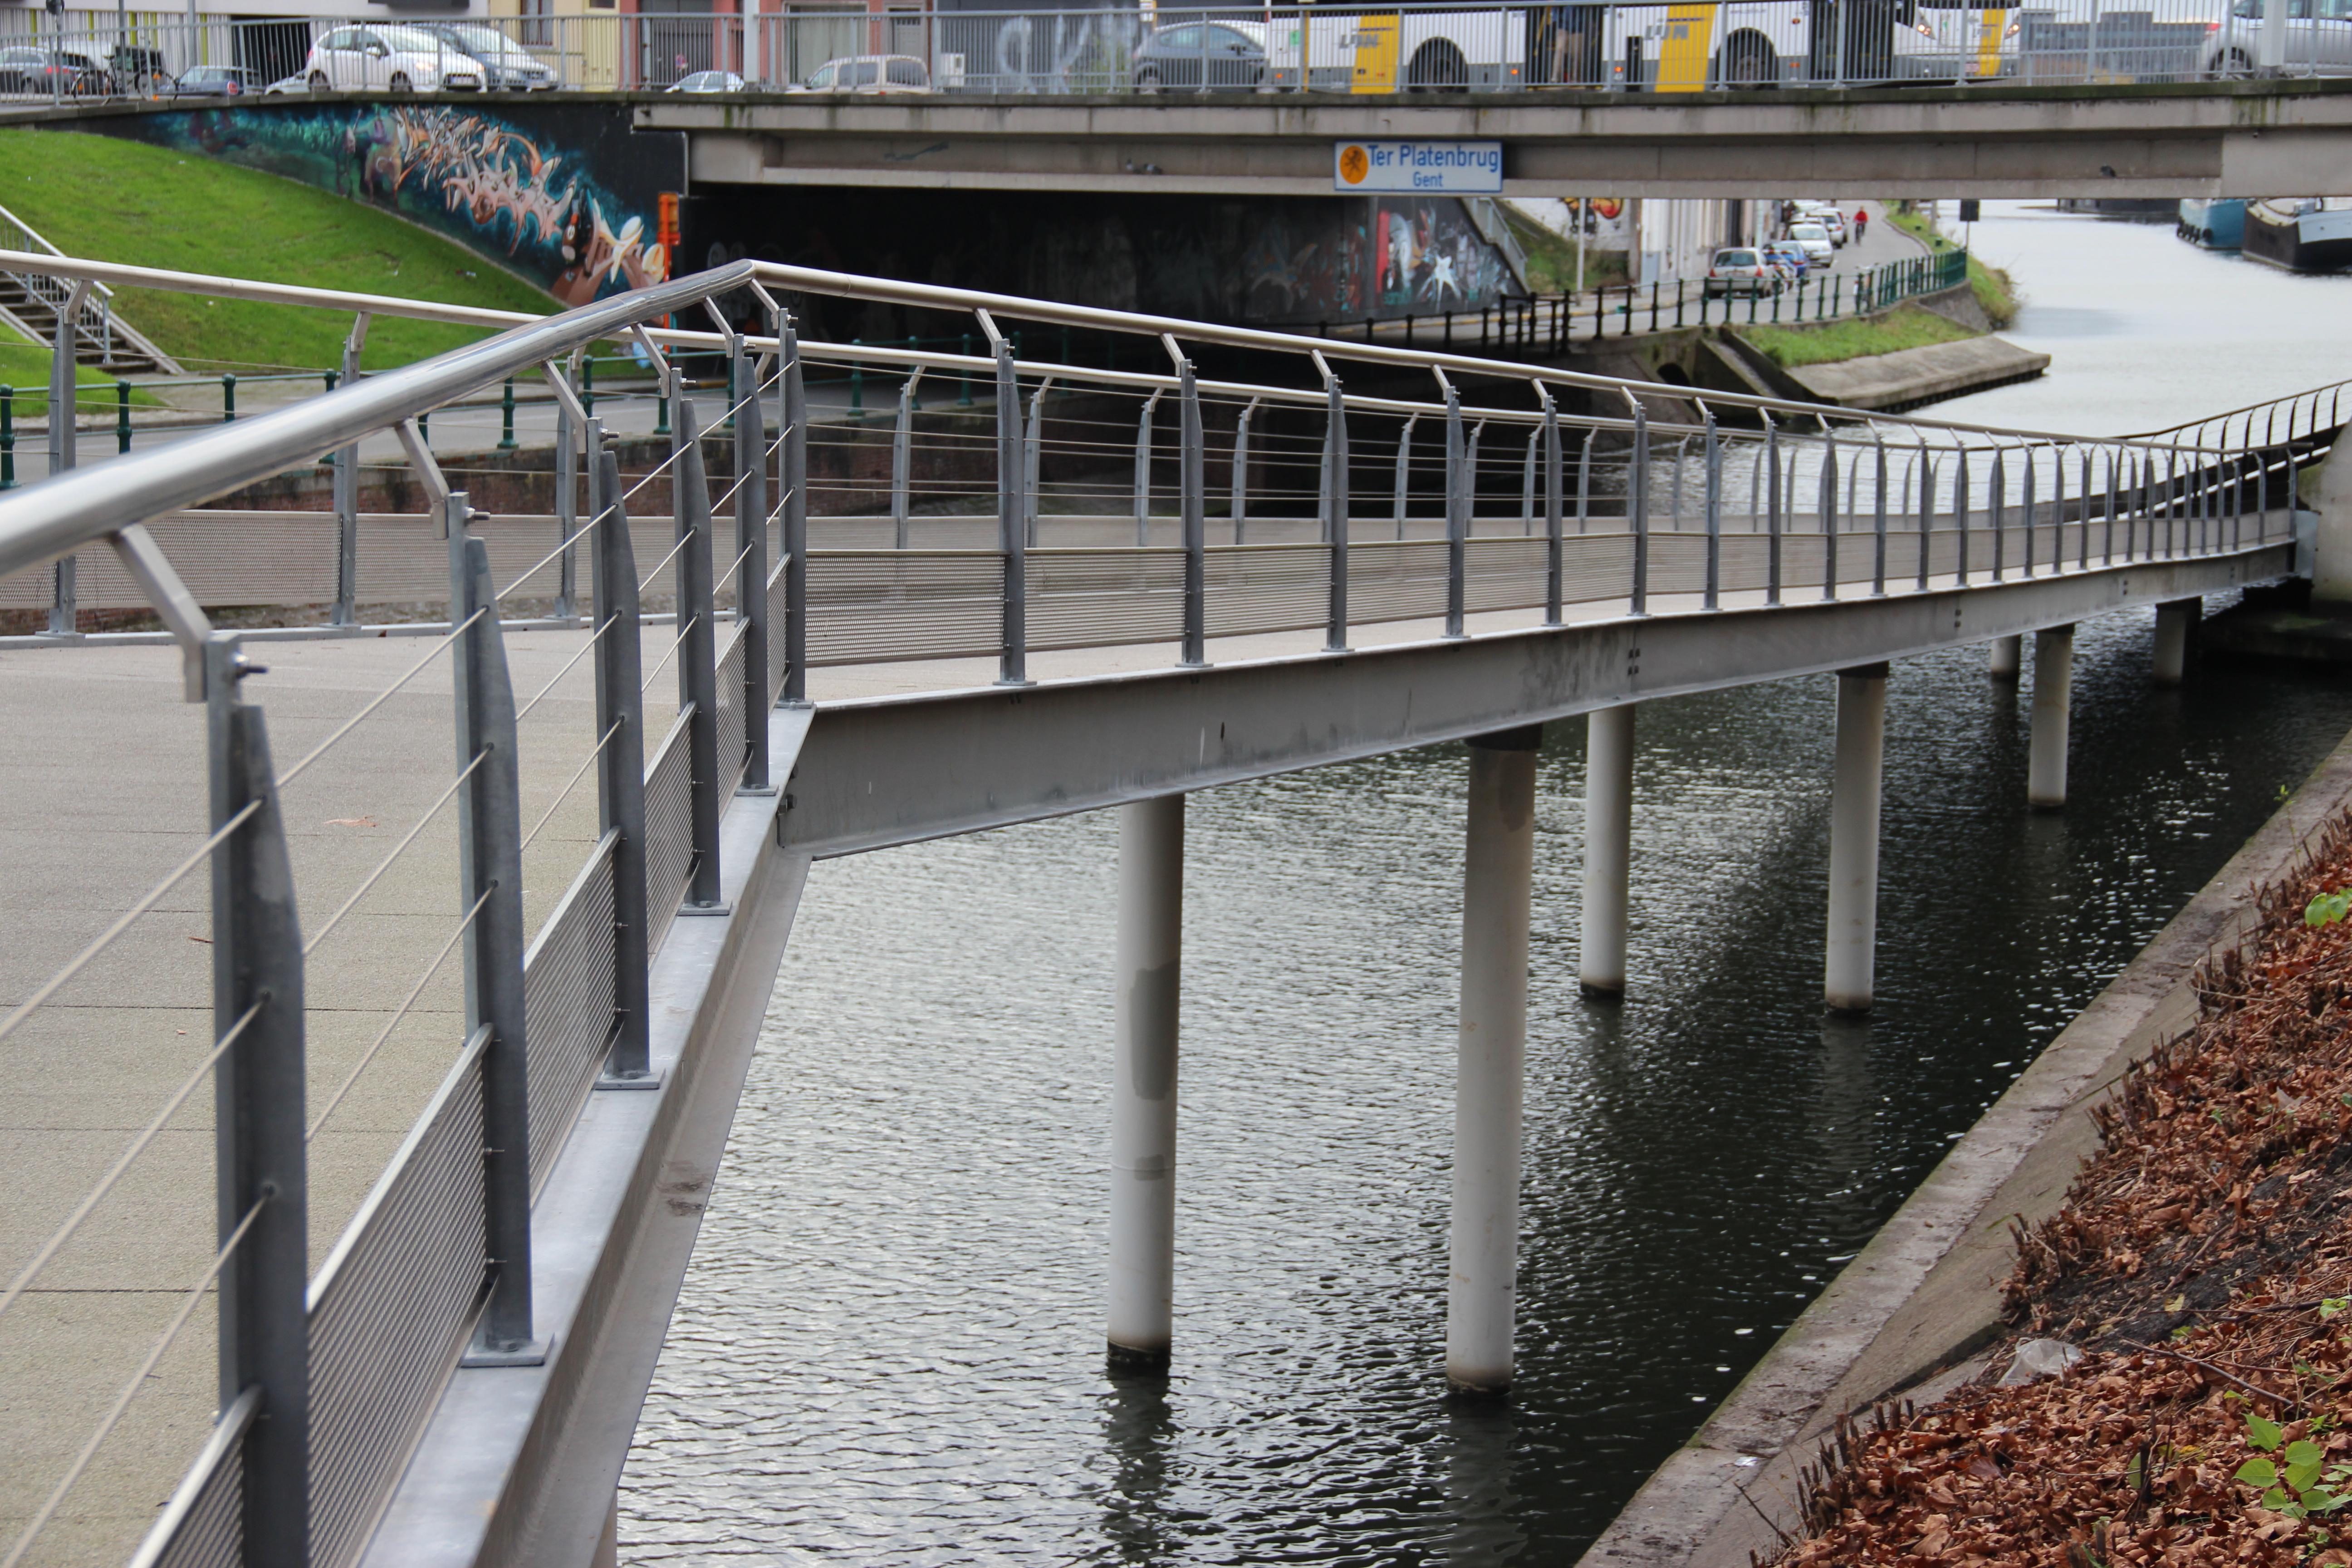 Onderdoorgang Ter Platenbrug